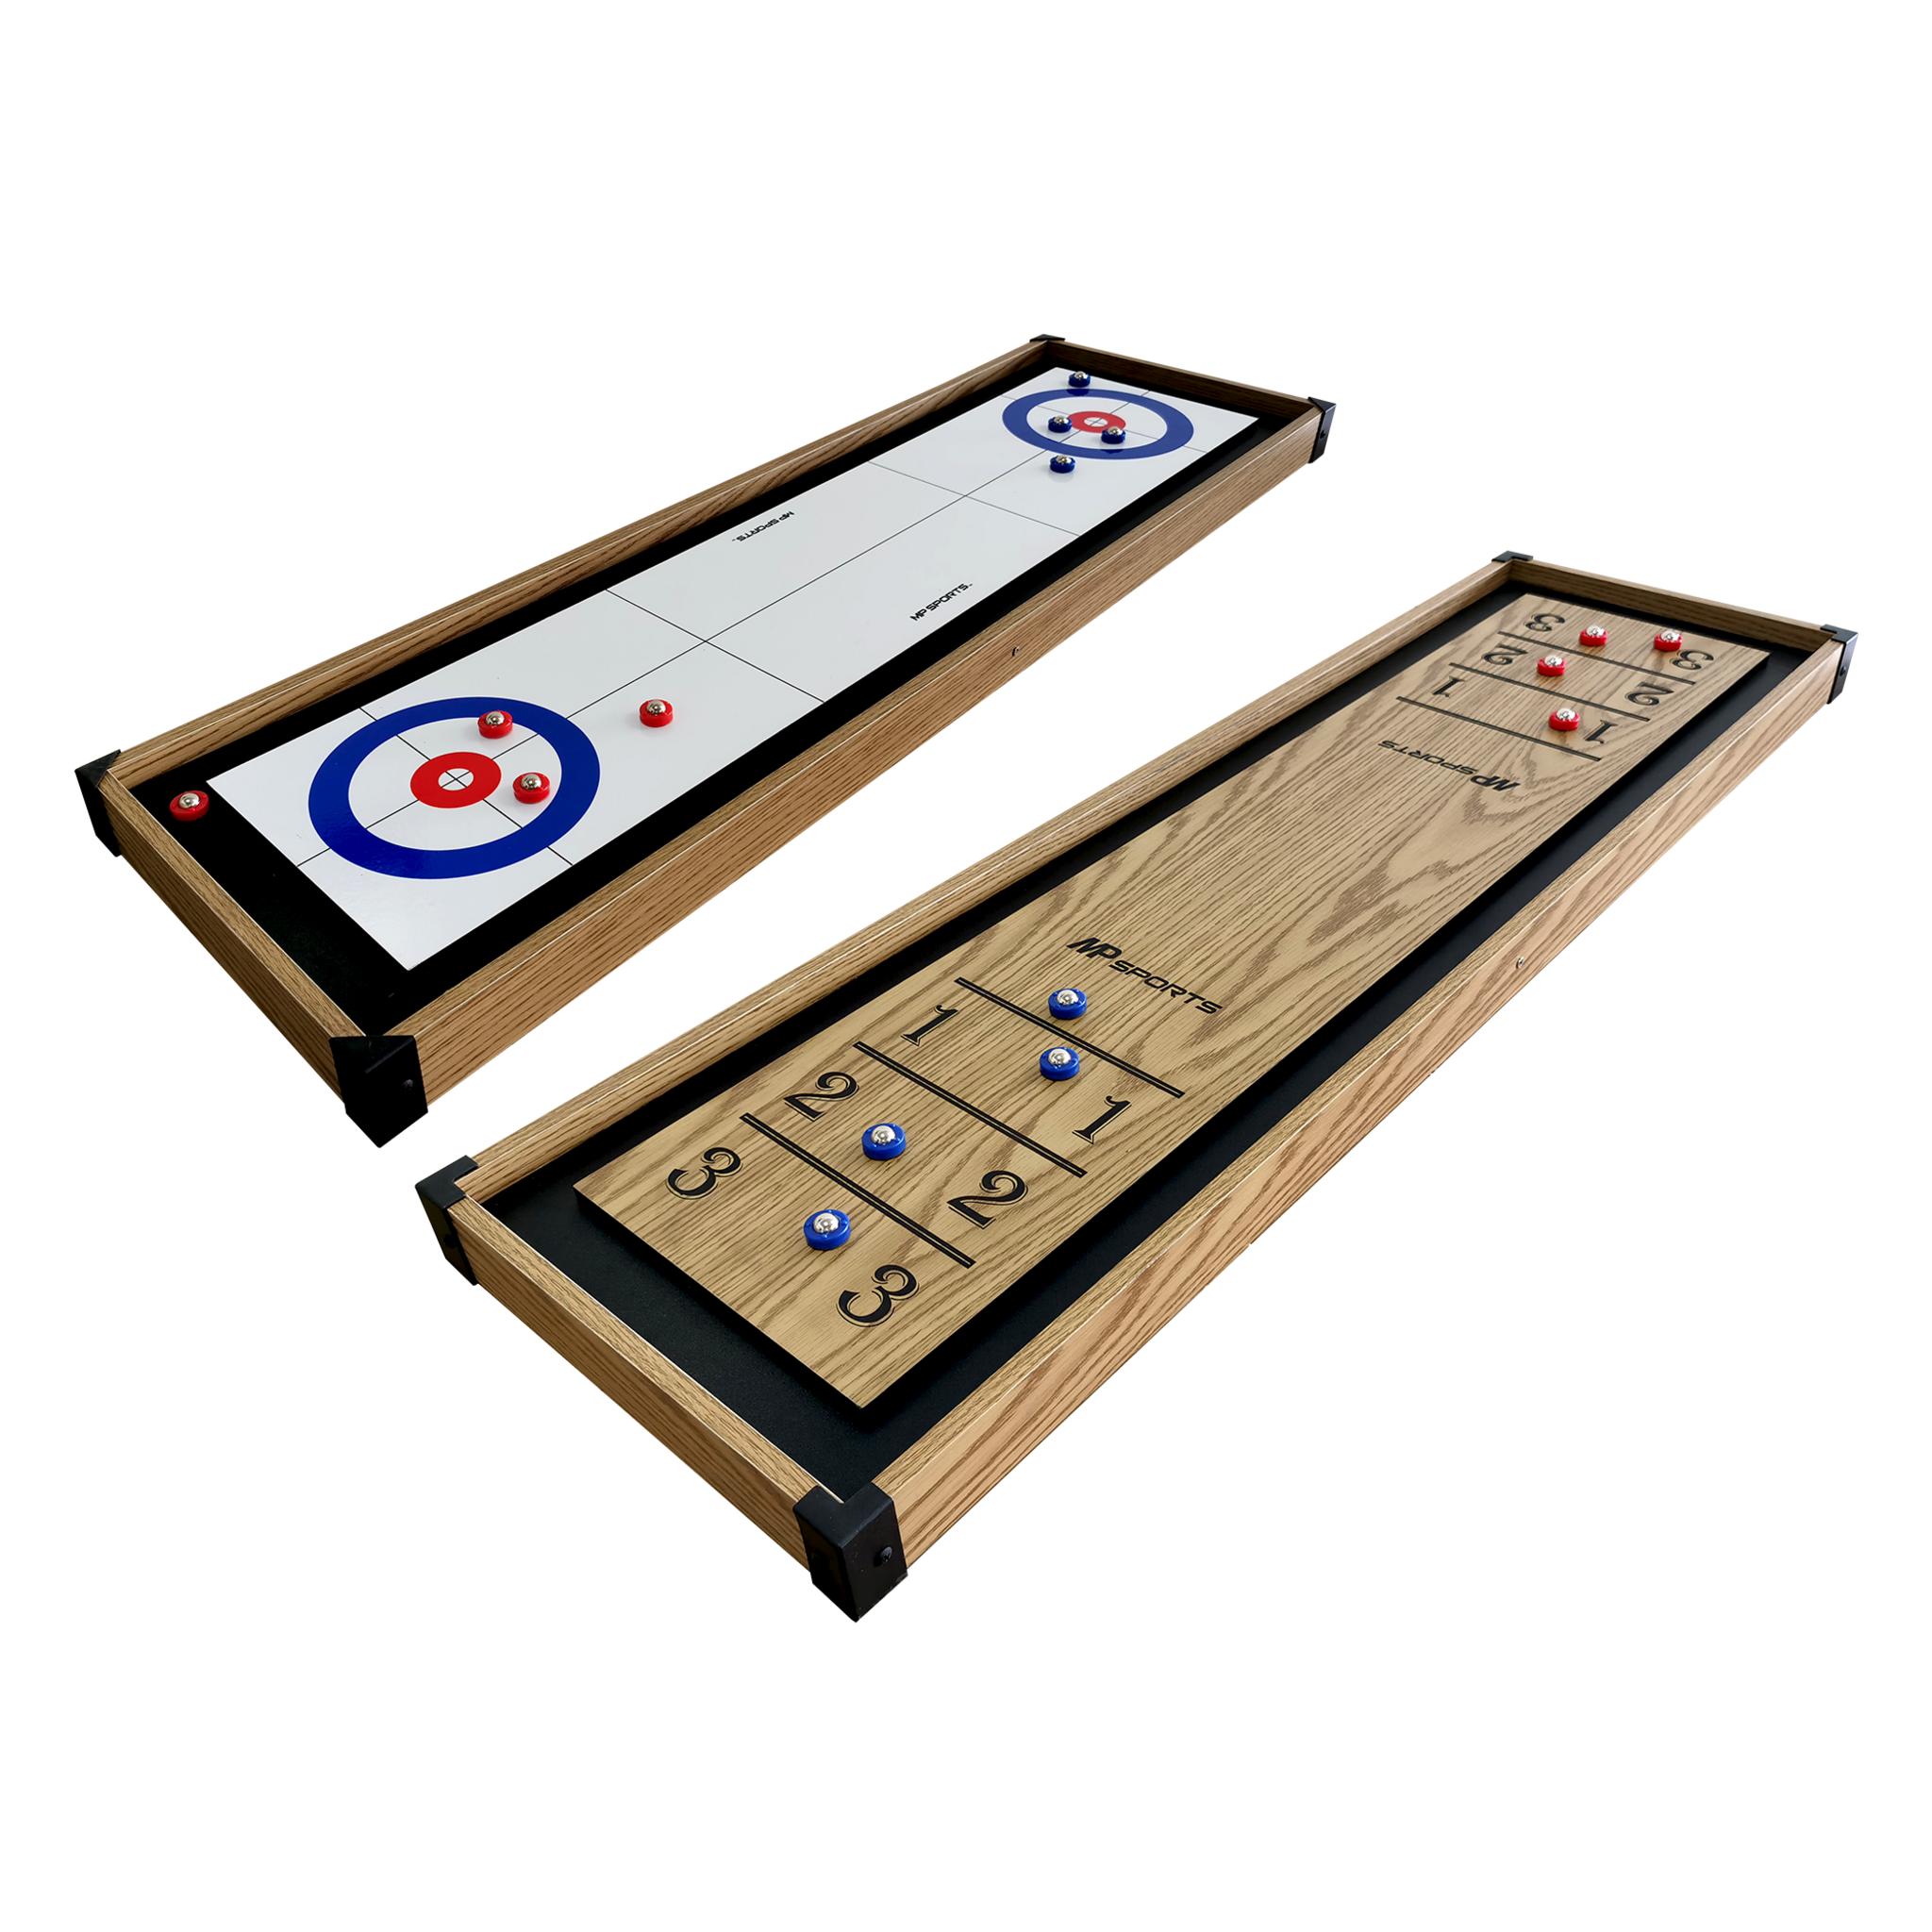 MD Sport MP Sports - 2 in 1 Tabletop Shuffleboard 45, shuffleboard STD Wood